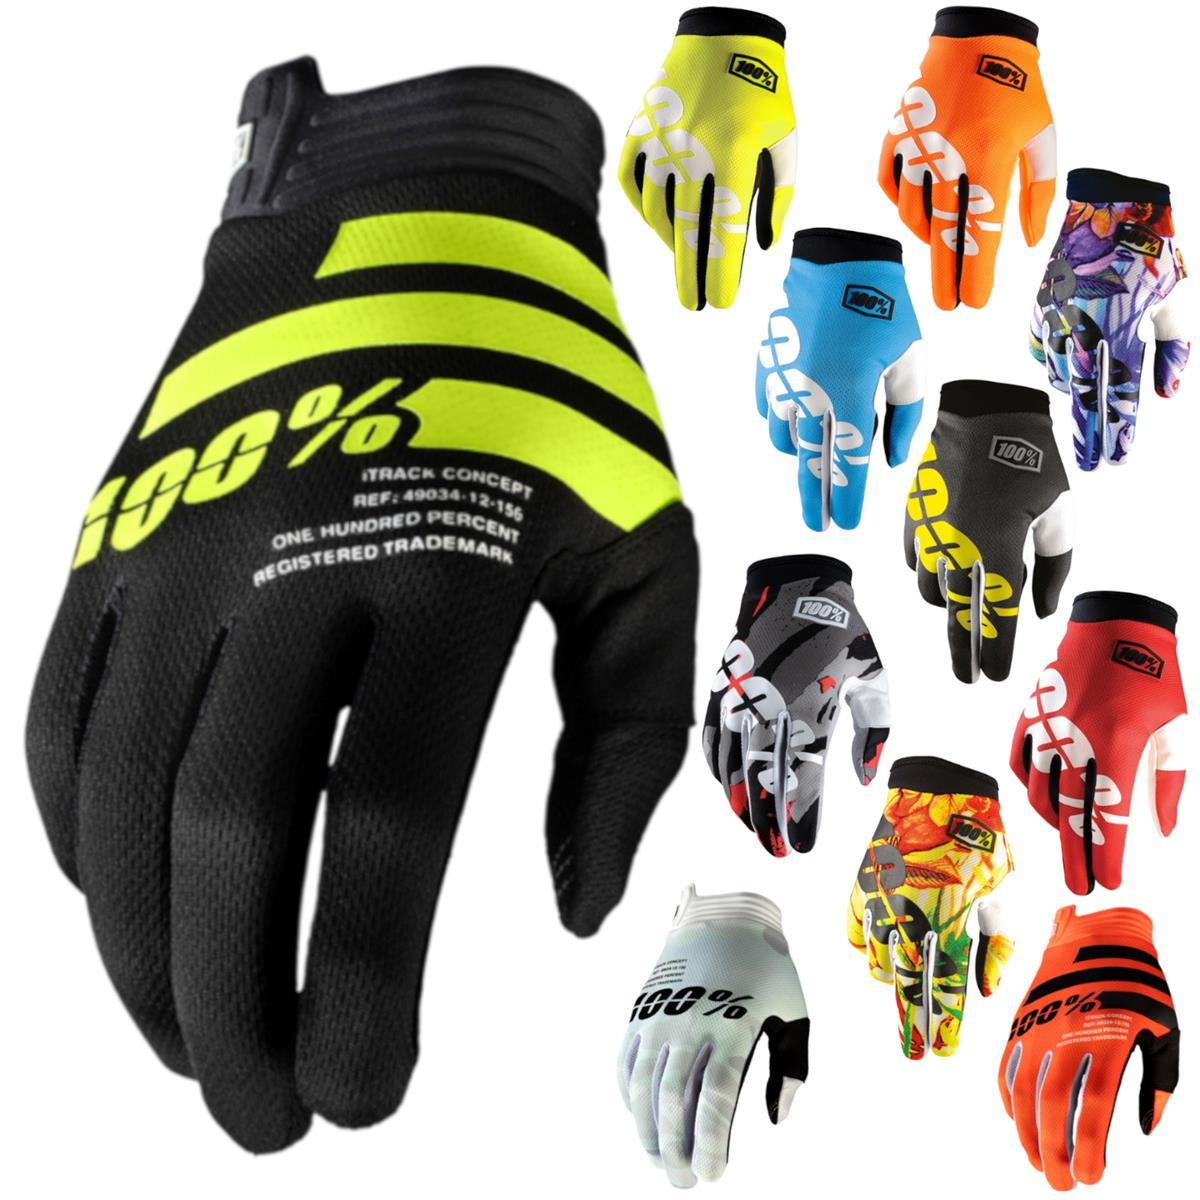 100/% iTrack Full Finger Herren Handschuhe LG Schwarz Charchoal